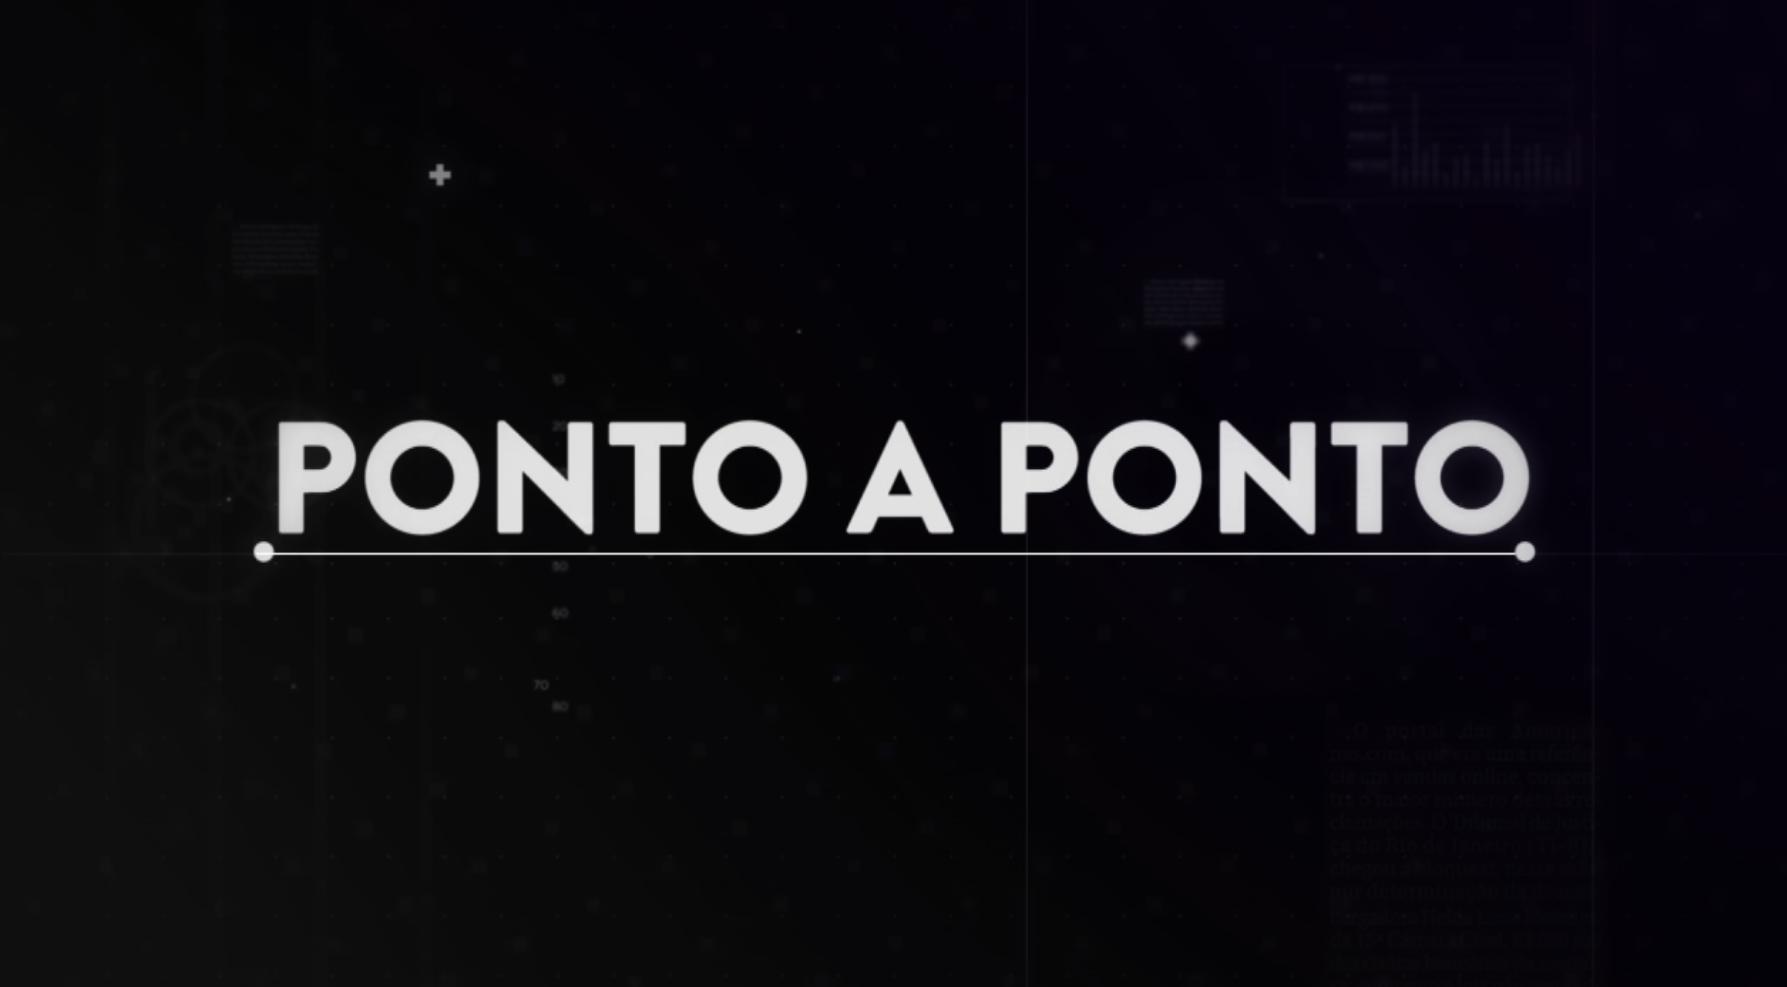 PONTO A PONTO